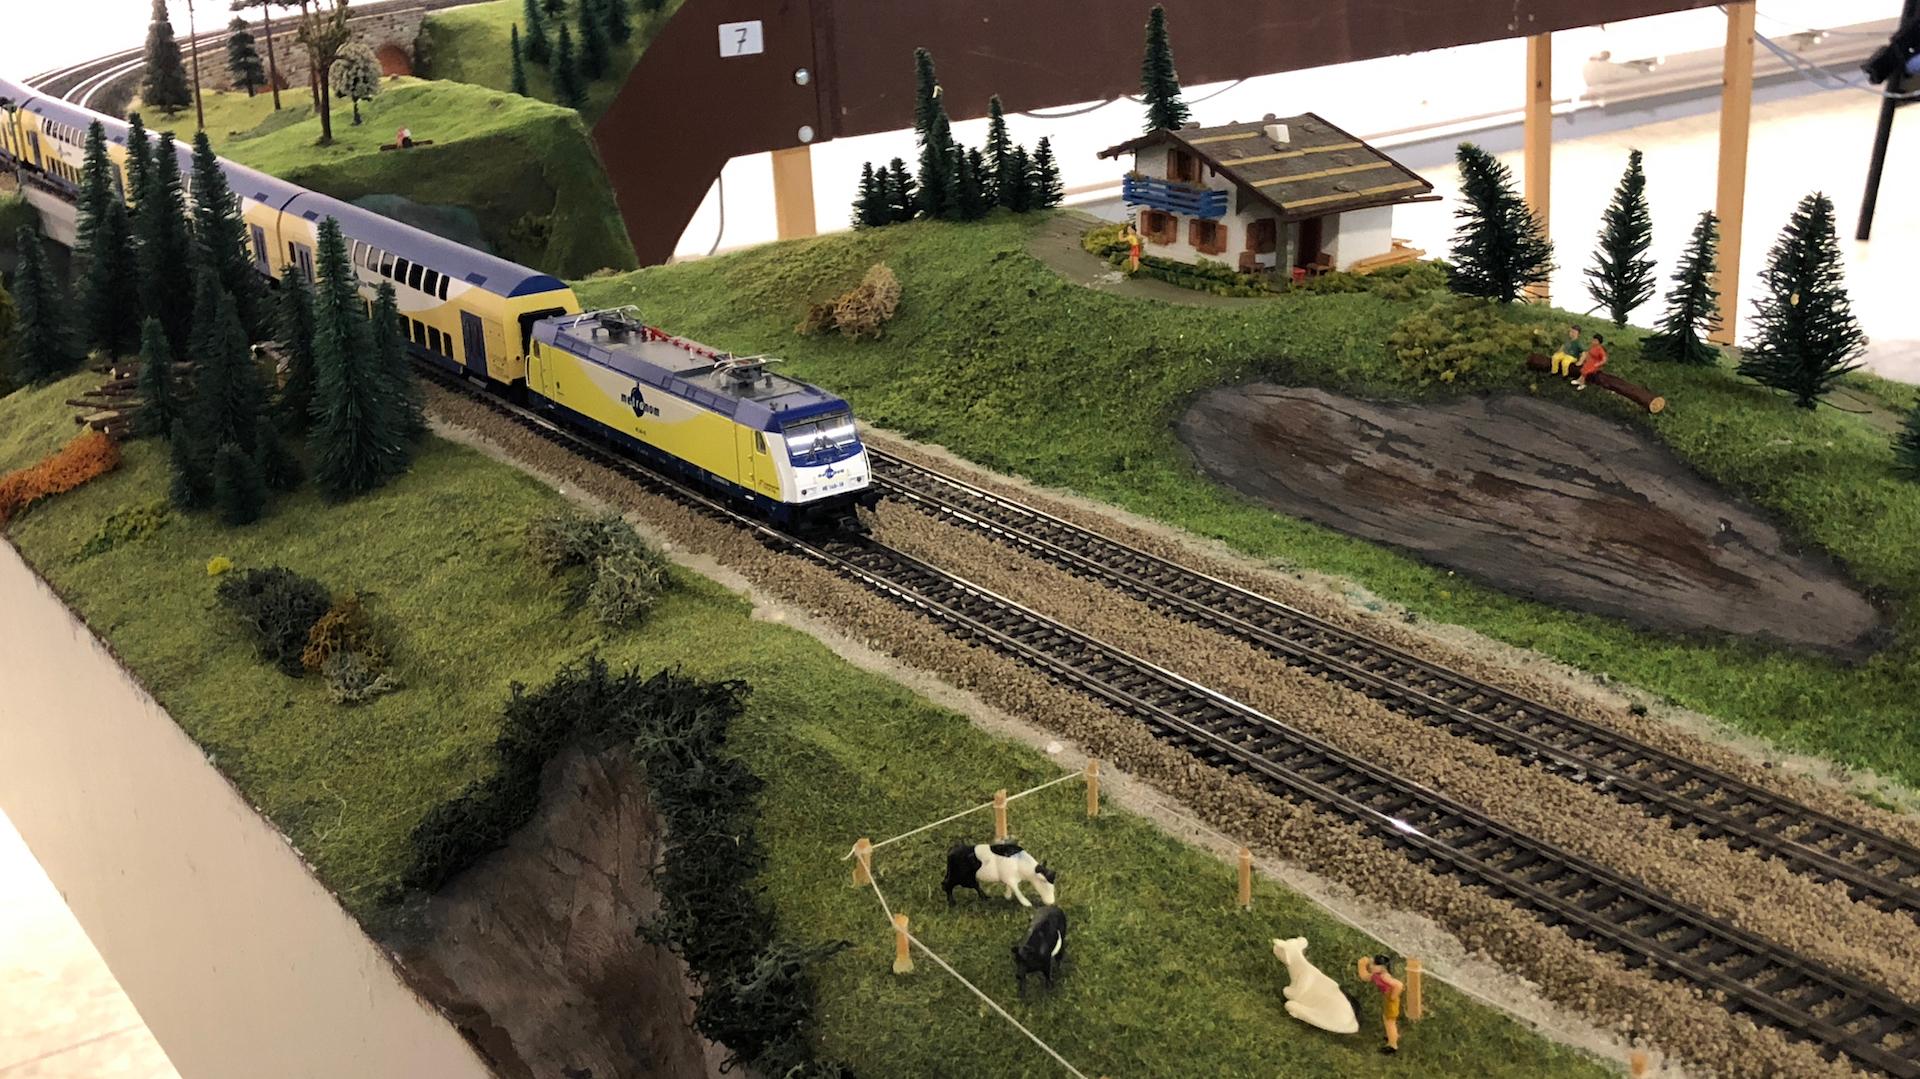 18_01_06_Besuch-Eisenbahnausstellung-Springe_005